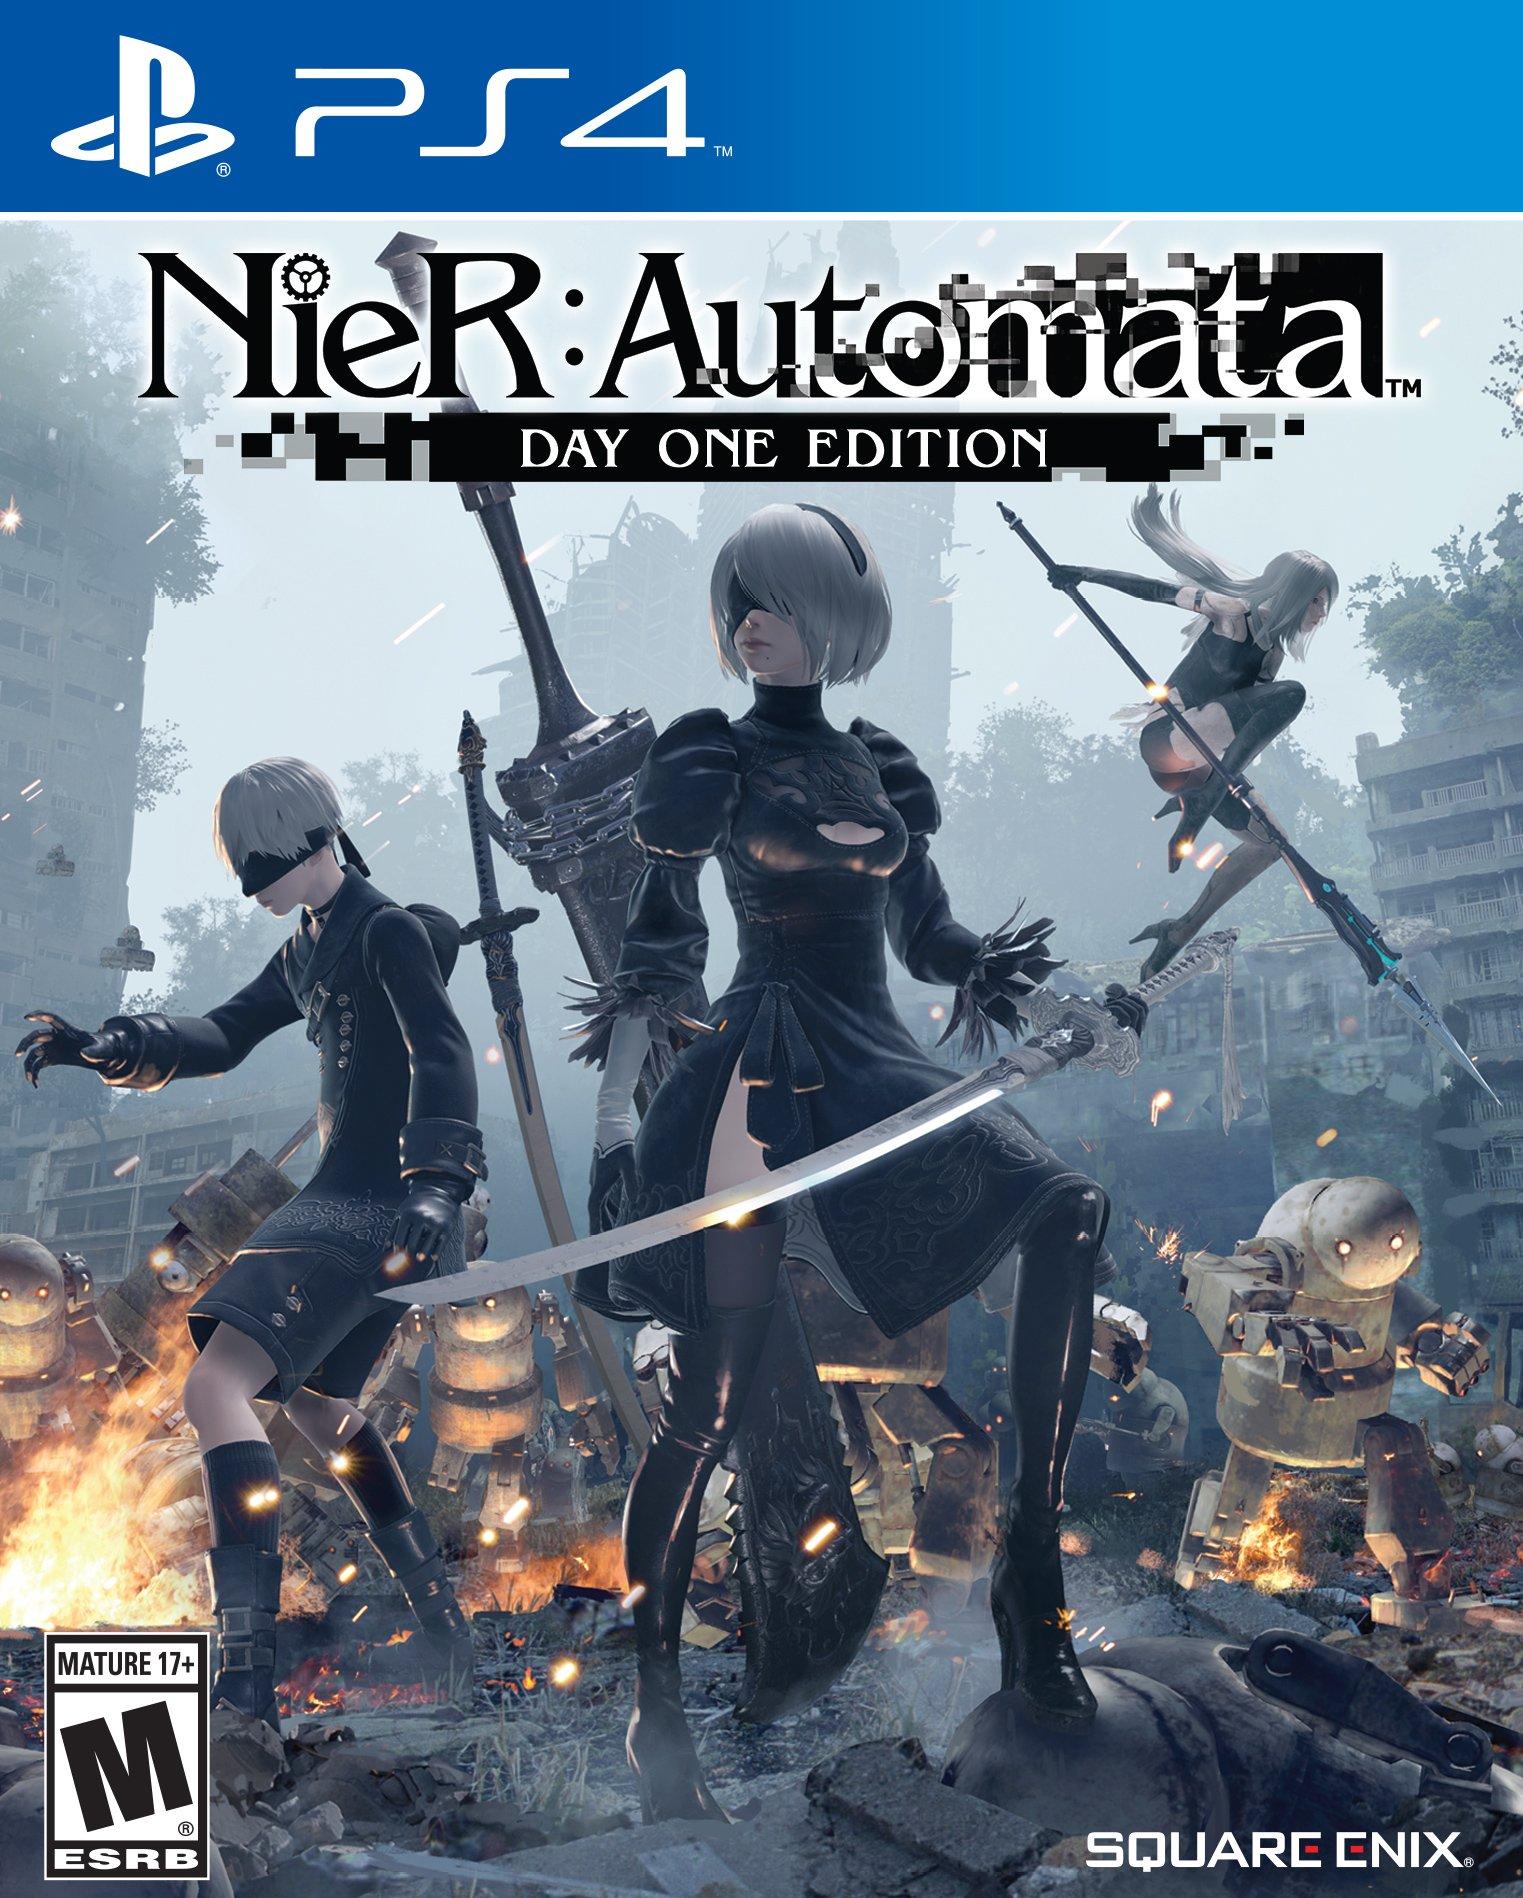 Square Enix Nier Automata